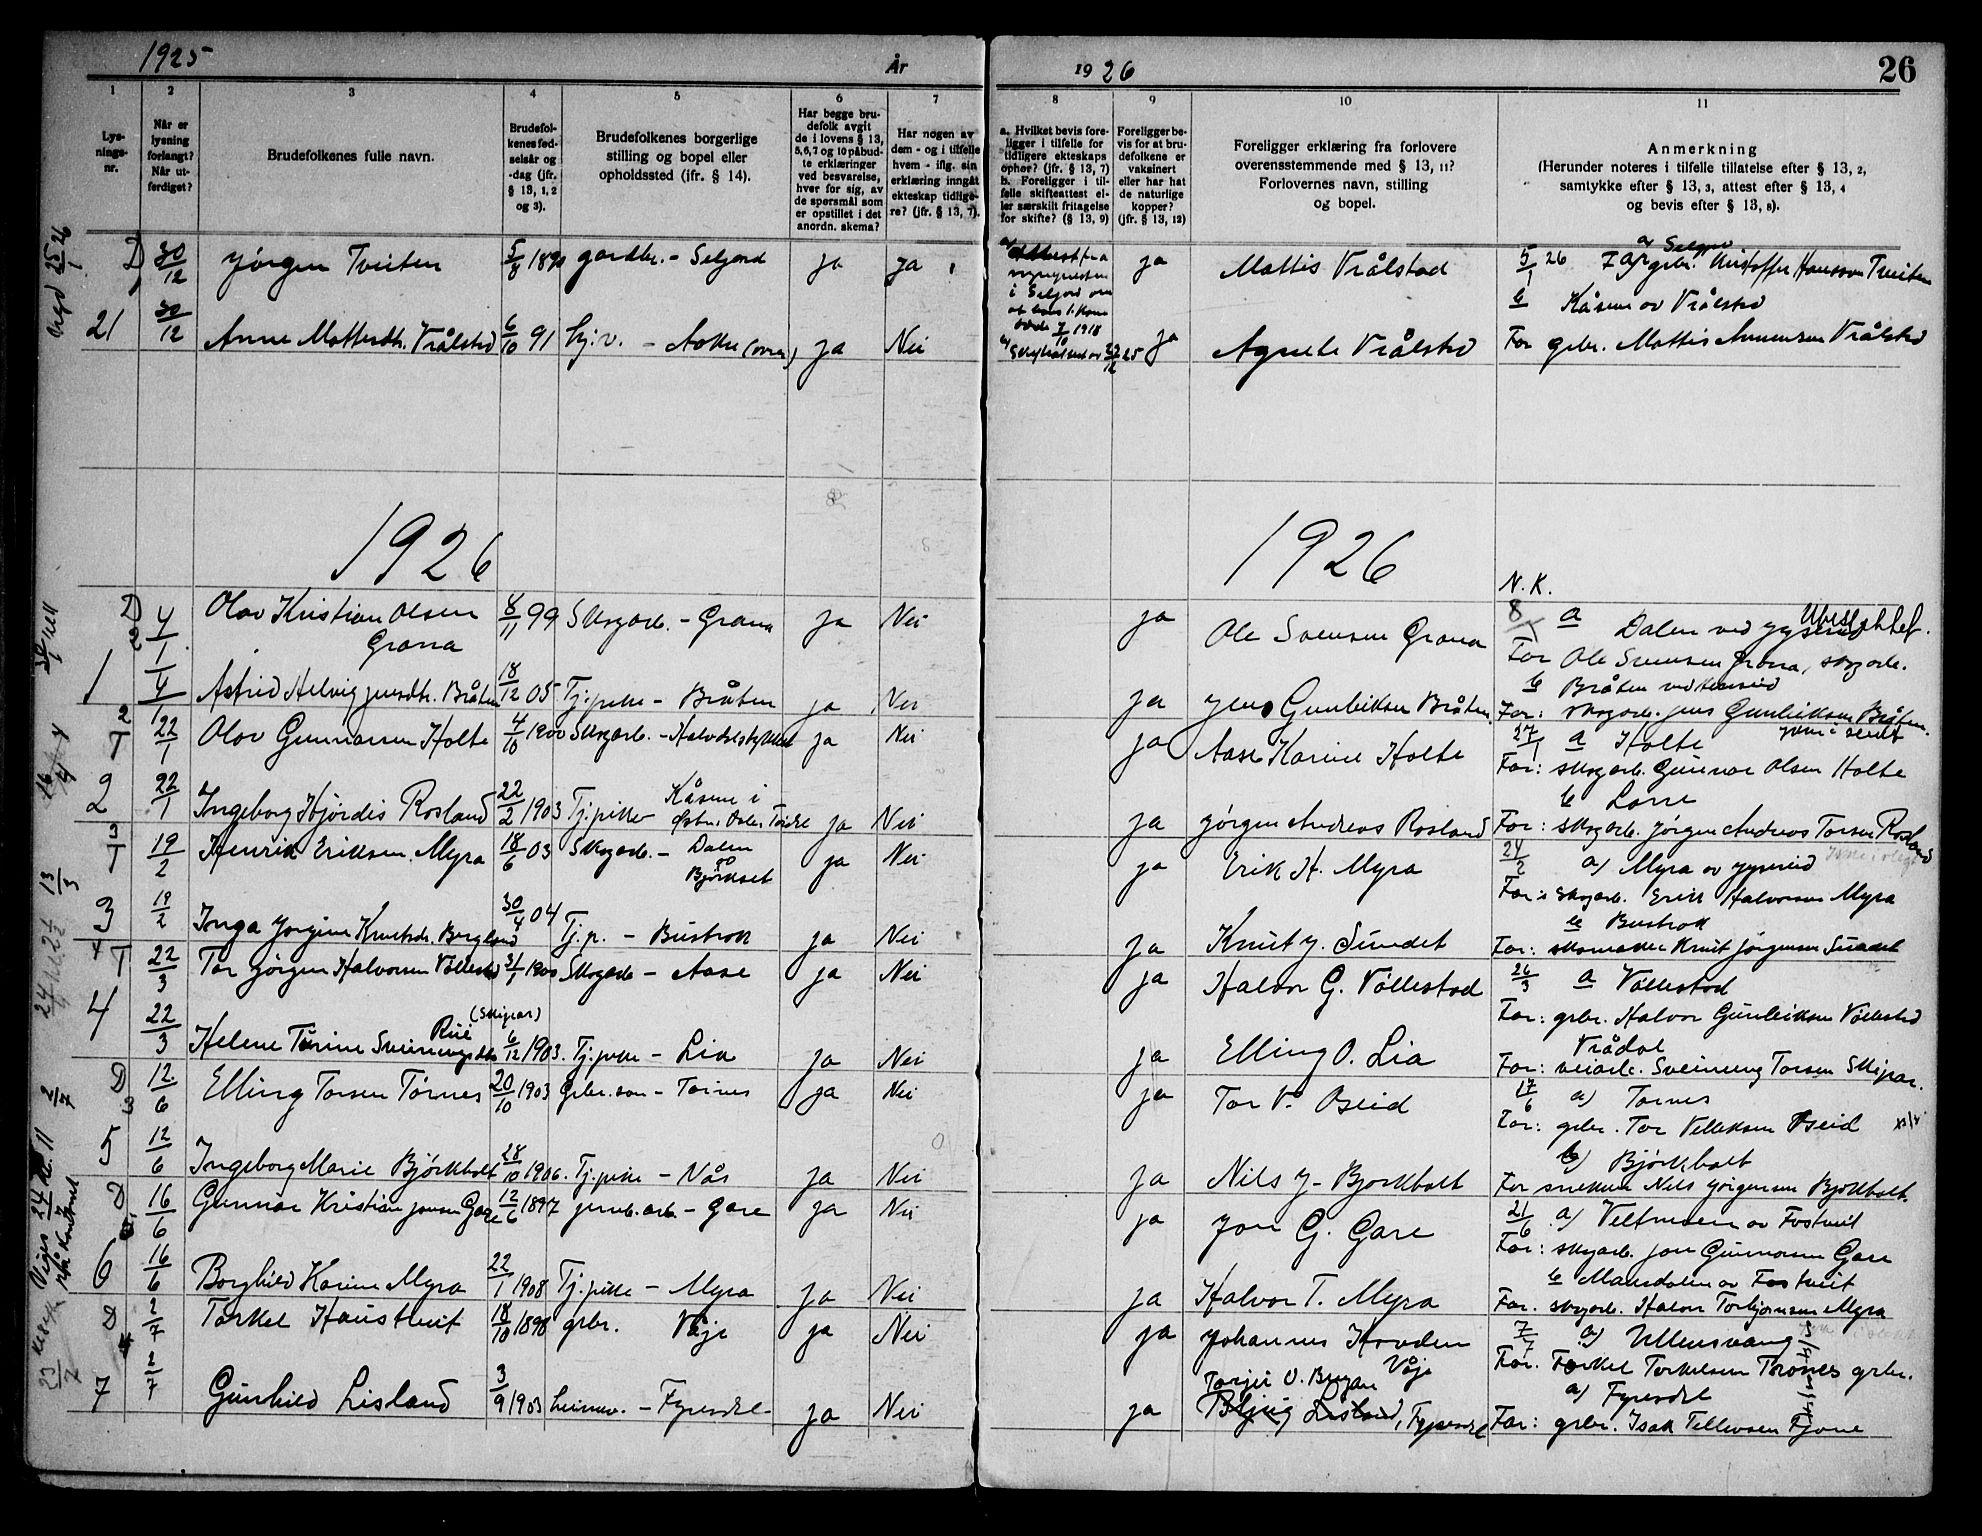 SAKO, Drangedal kirkebøker, H/Ha/L0001: Lysningsprotokoll nr. 1, 1919-1952, s. 26